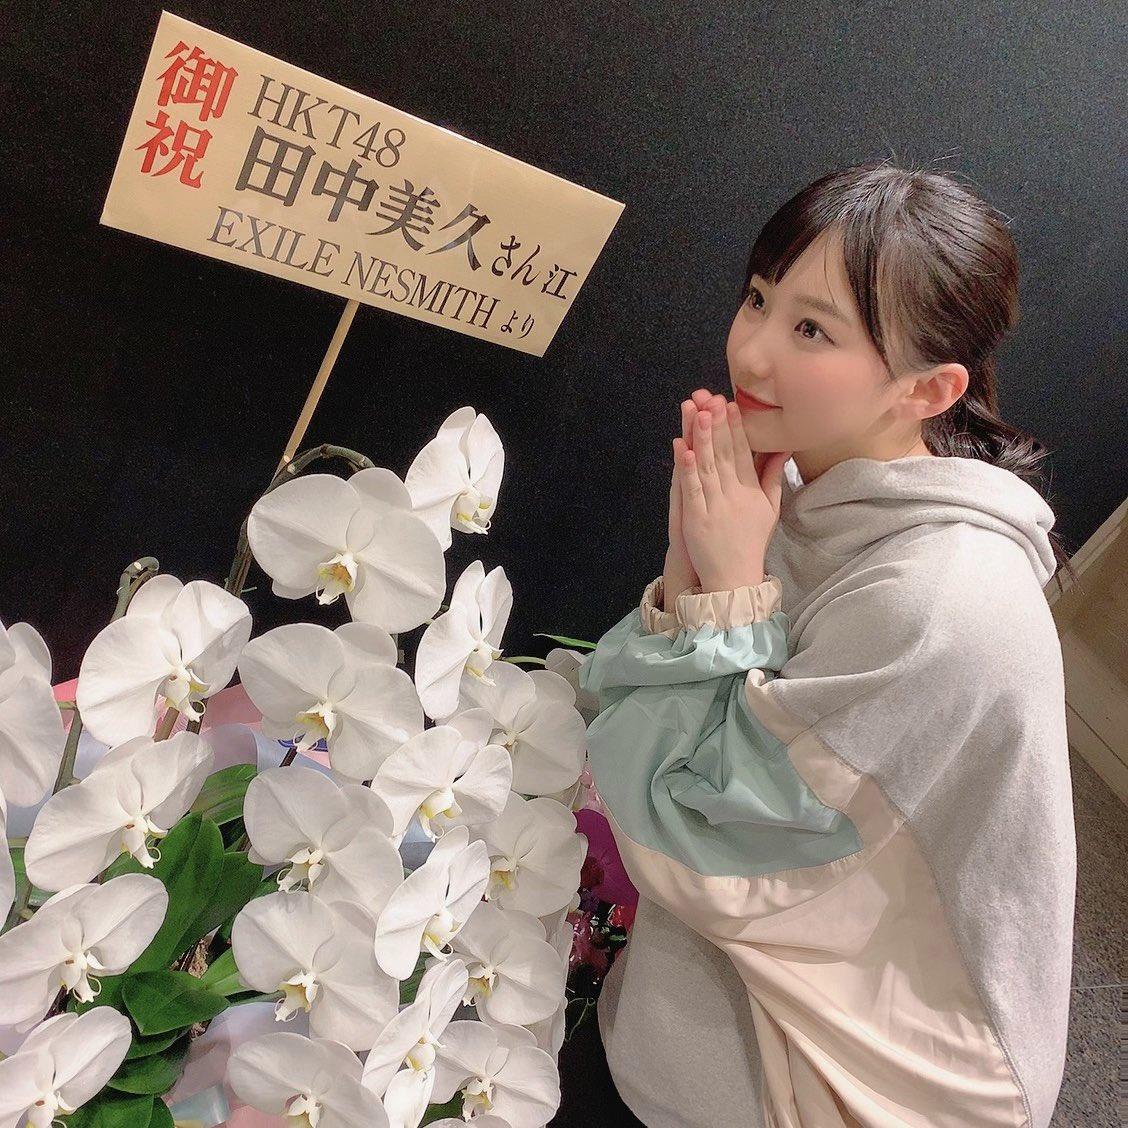 #AKB48グループ特別公演 #仁義なき戦い 後半初日終えました!終わった後、EXILEのNESMITHさんからお花を頂きました!びっくりです、ありがとうございます😊💐最後まで舞台頑張ります💪